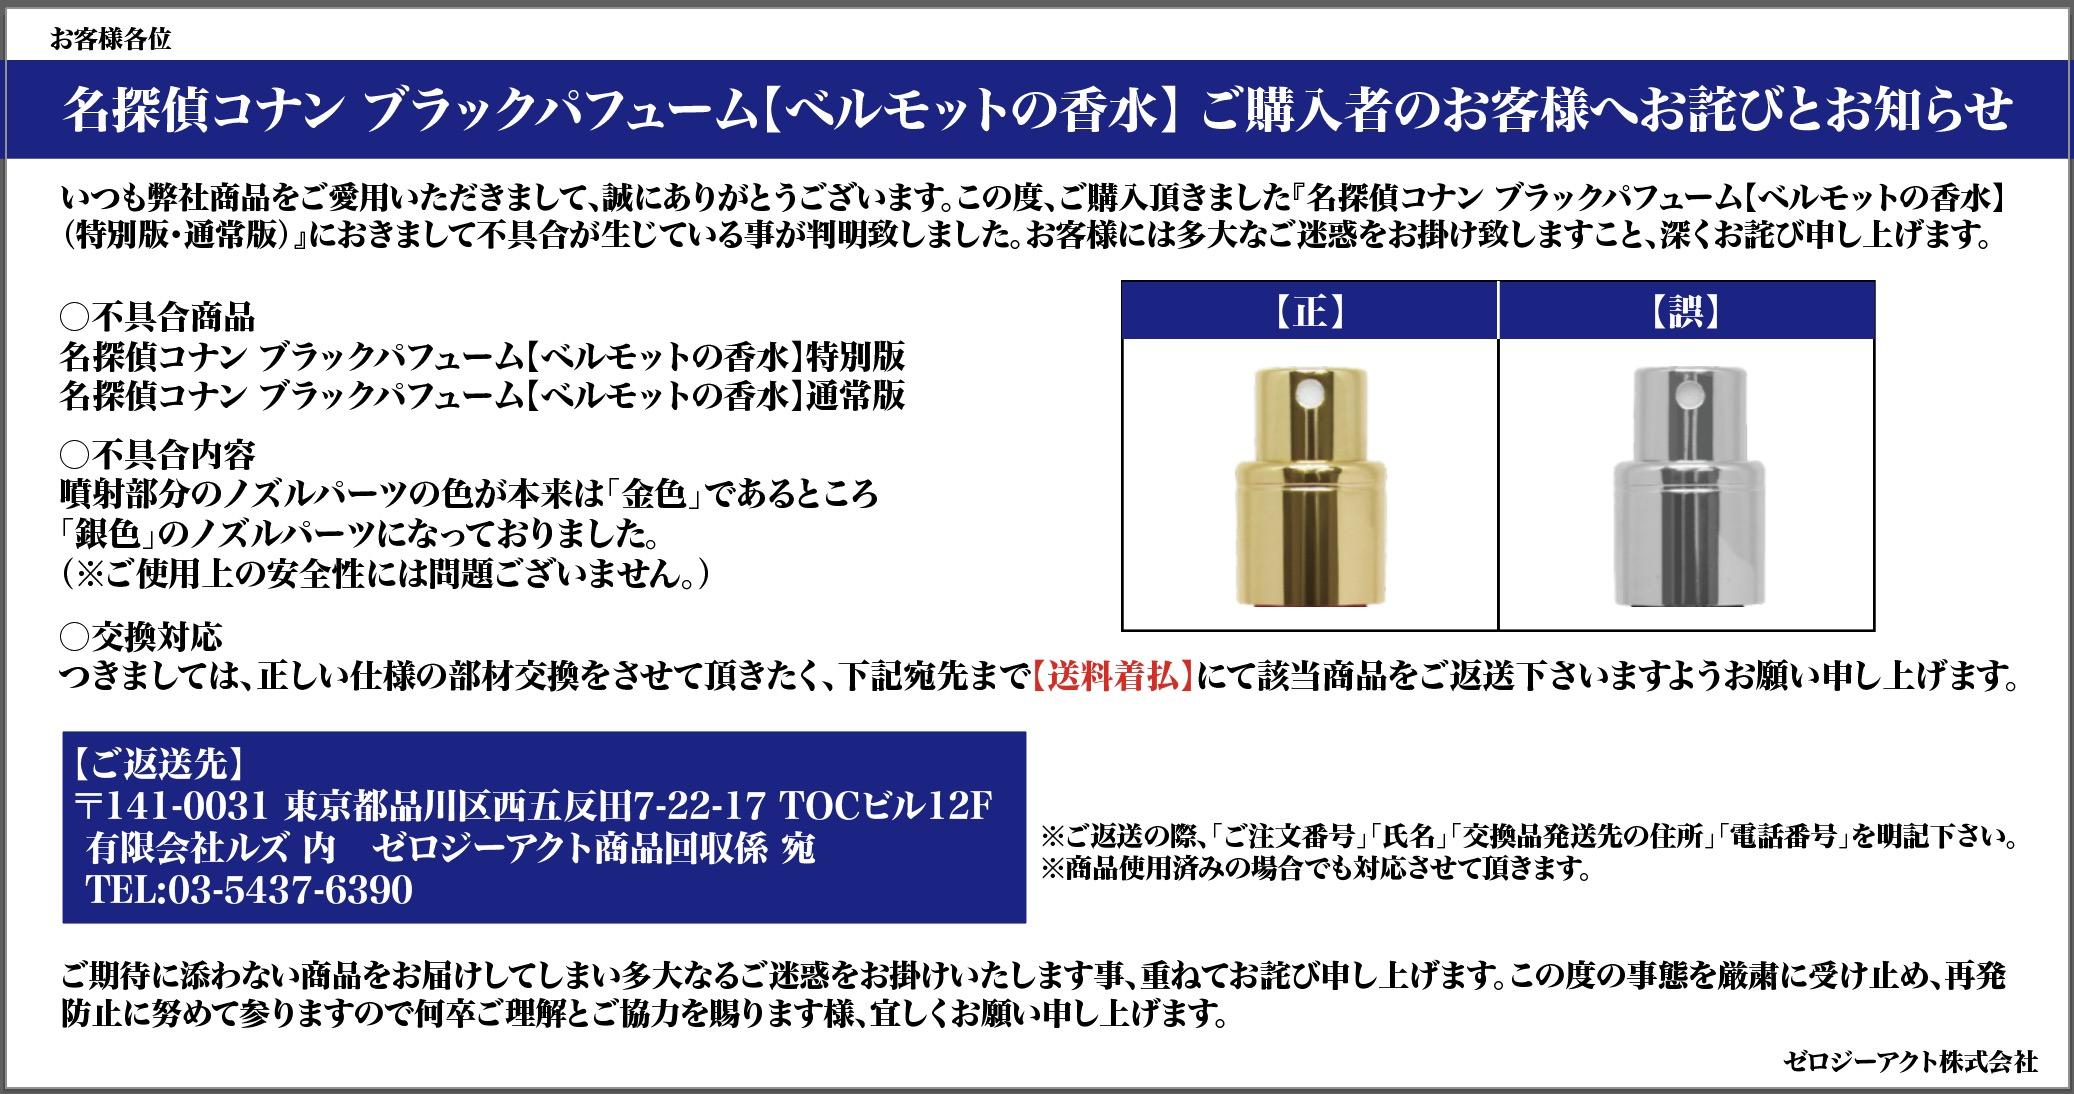 ベルモットの香水について